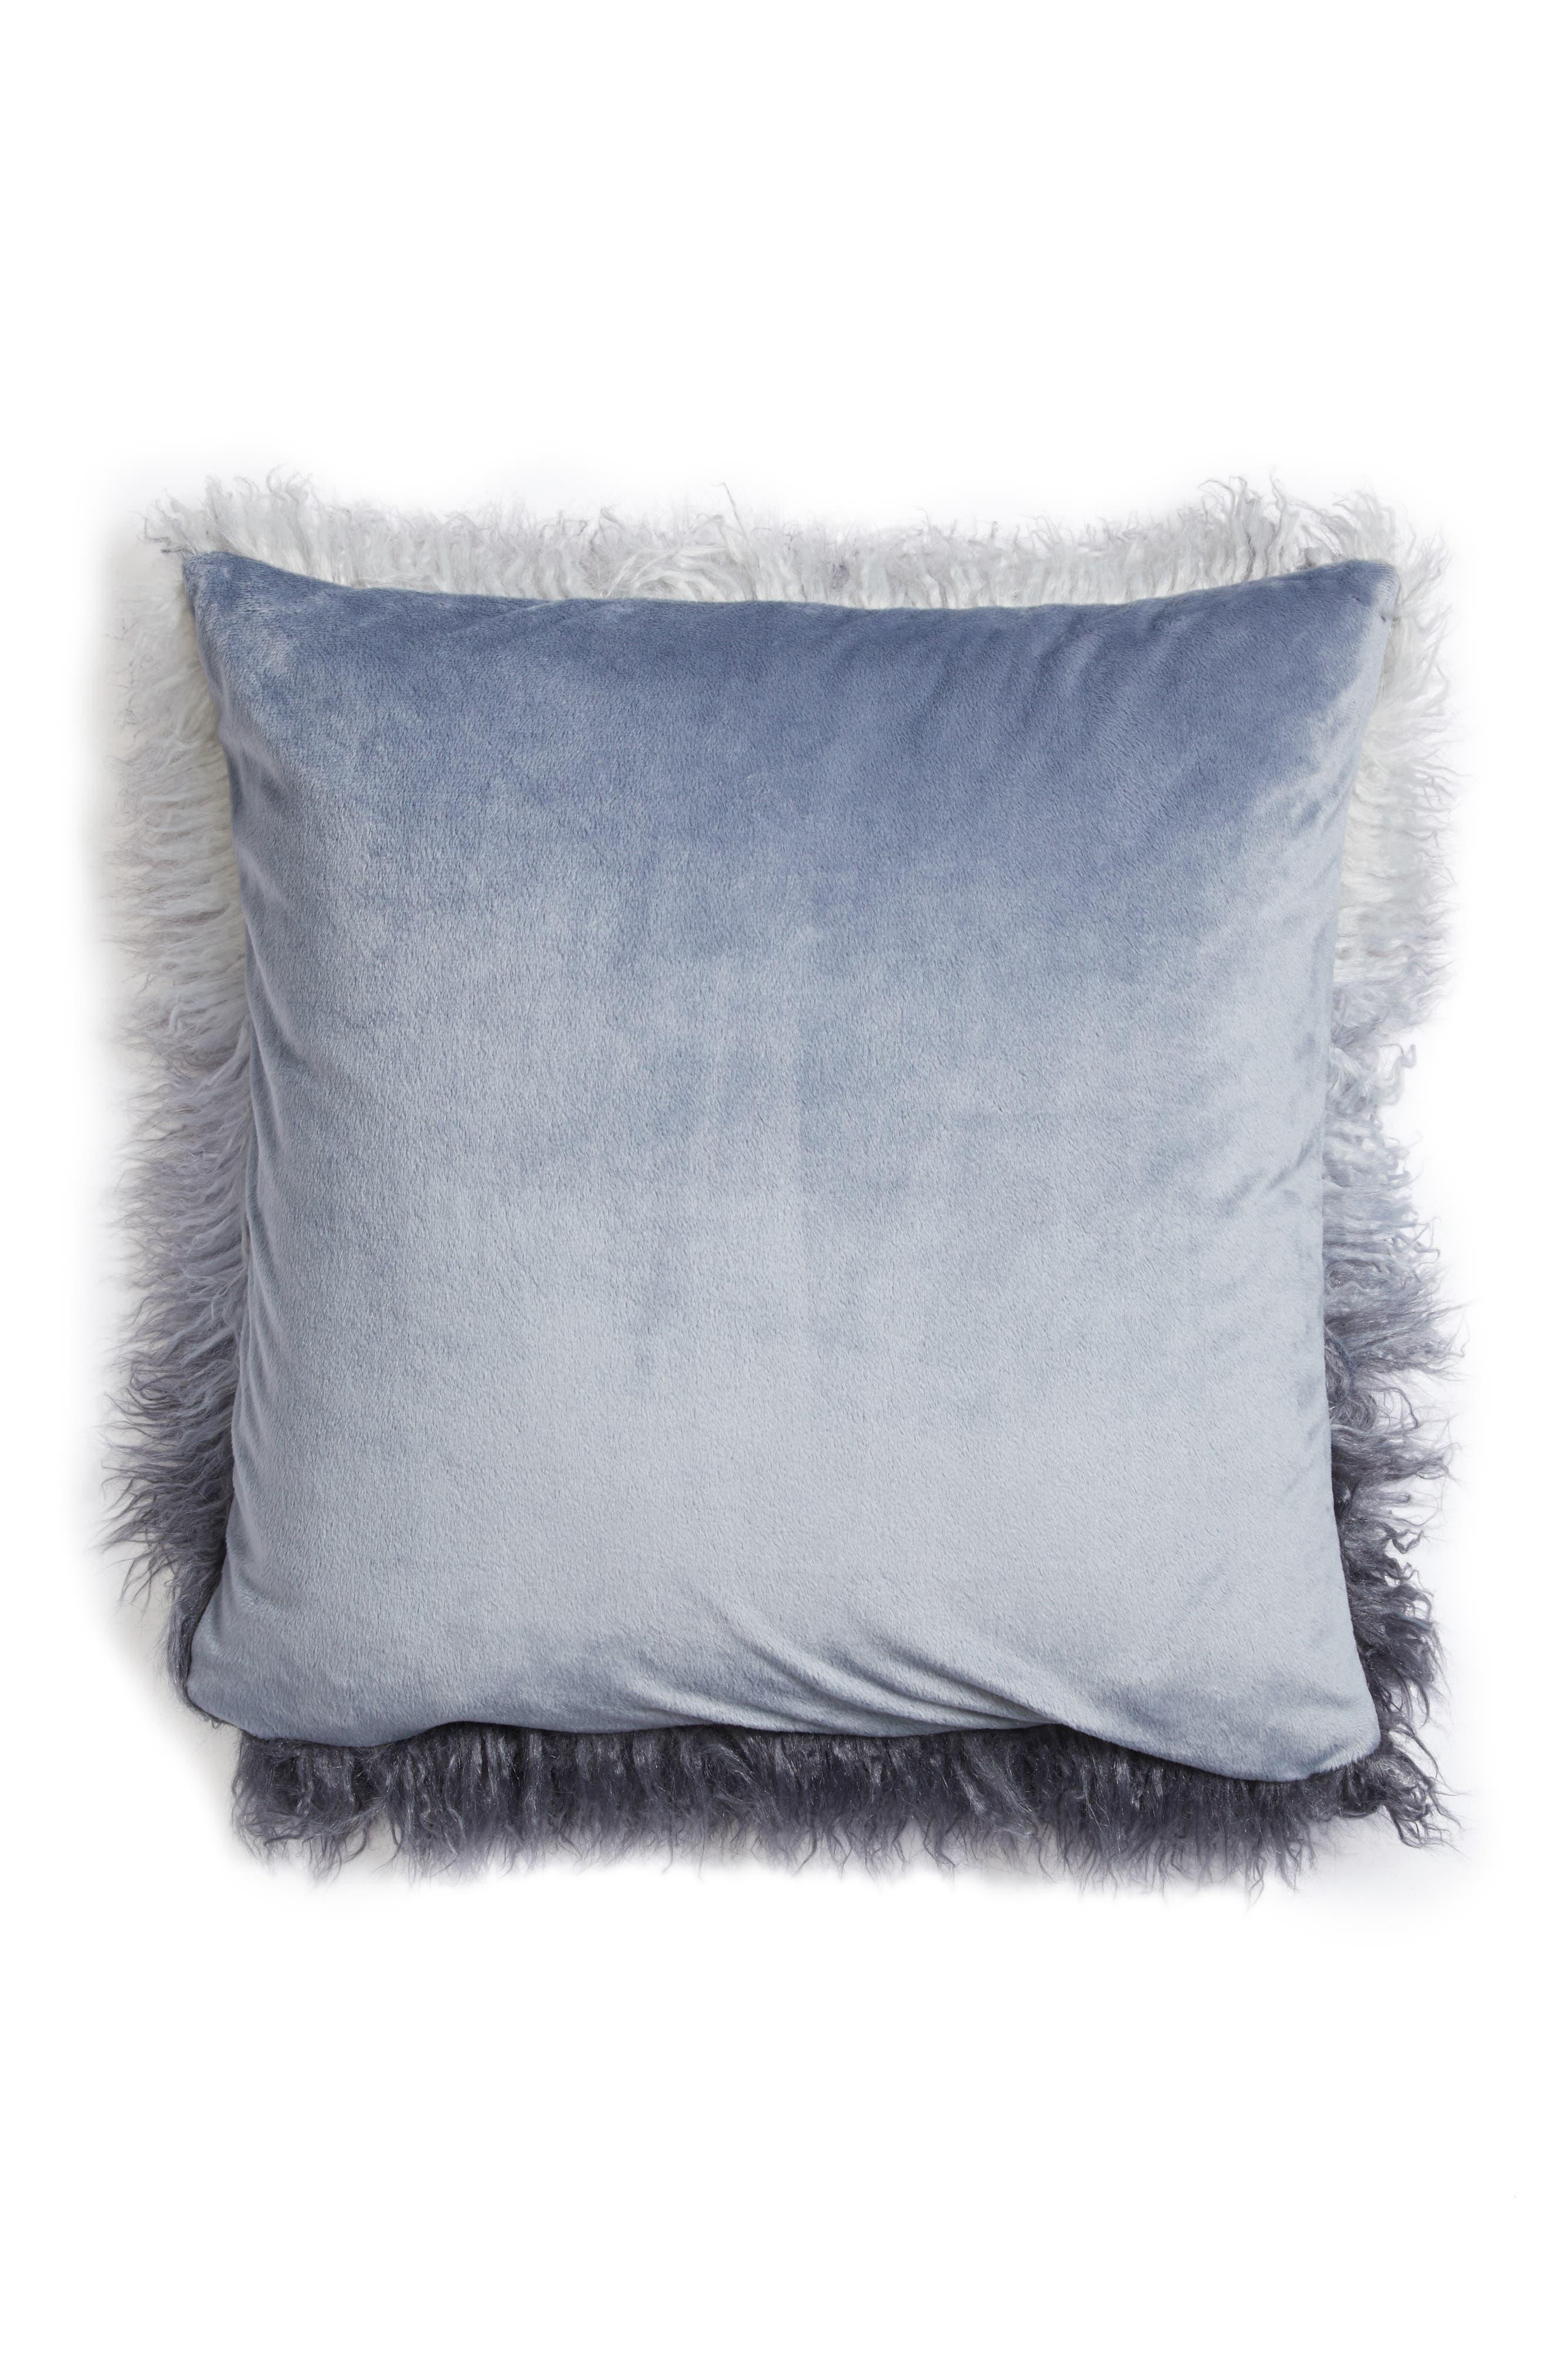 Ombré Faux Fur Flokati Accent Pillow,                             Alternate thumbnail 8, color,